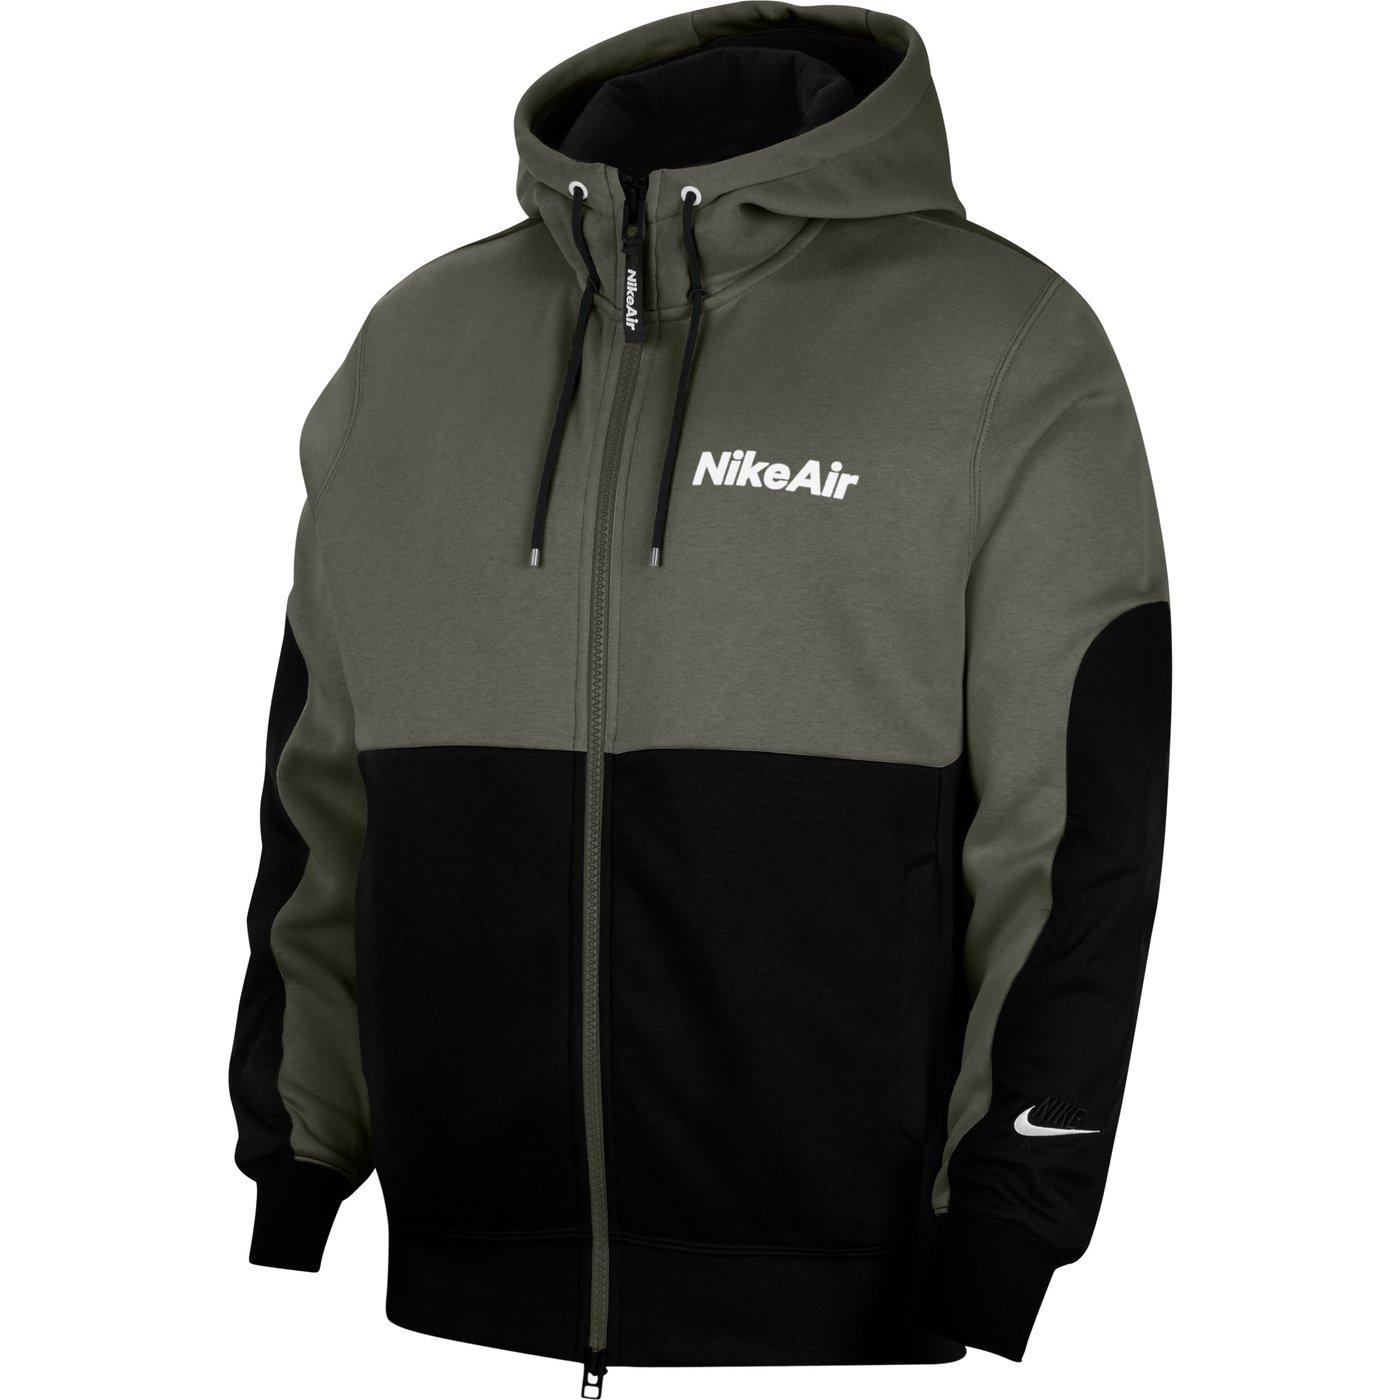 Nike Air Erkek Yeşil Sweatshirt